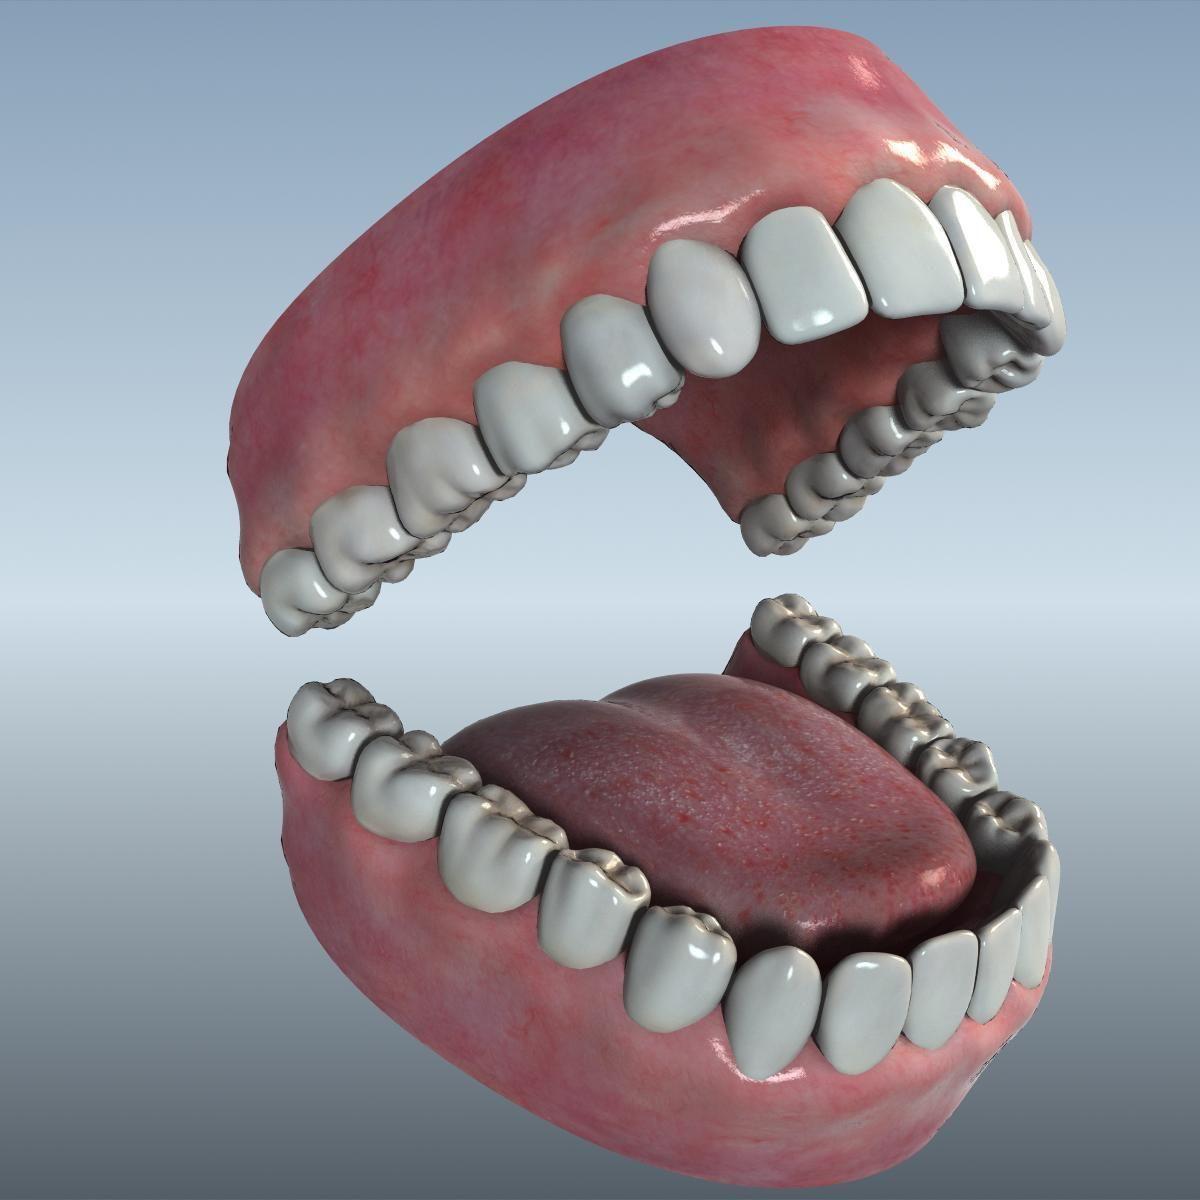 Mouth Teeth Tongue